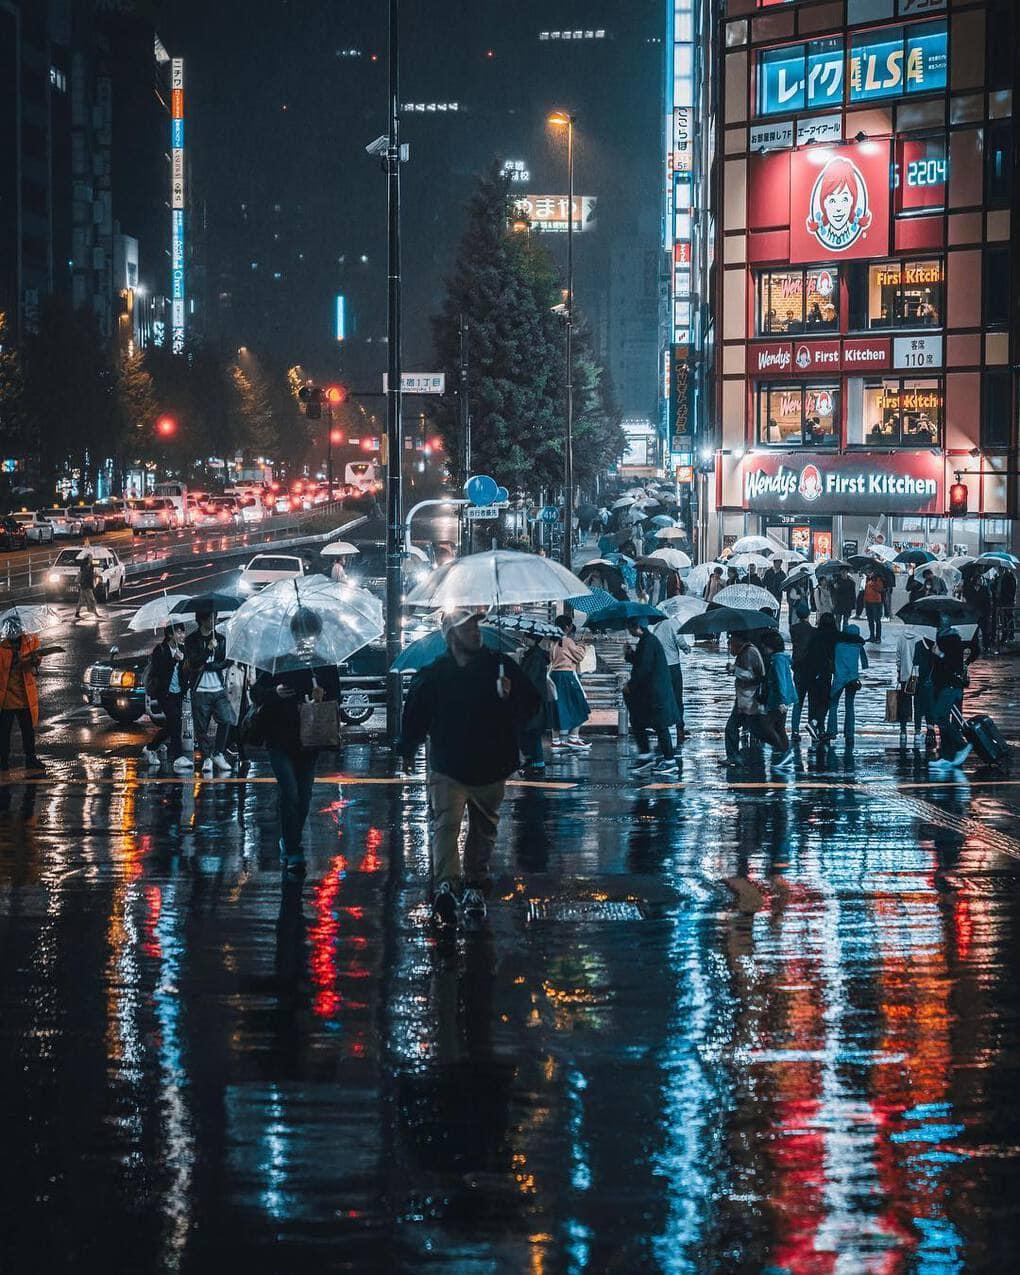 jungraphy 58909979 418961888652560 3008008594016642054 n - 25 работ фотографа из Токио, которые погрузят вас в магическую атмосферу ночных японских улиц